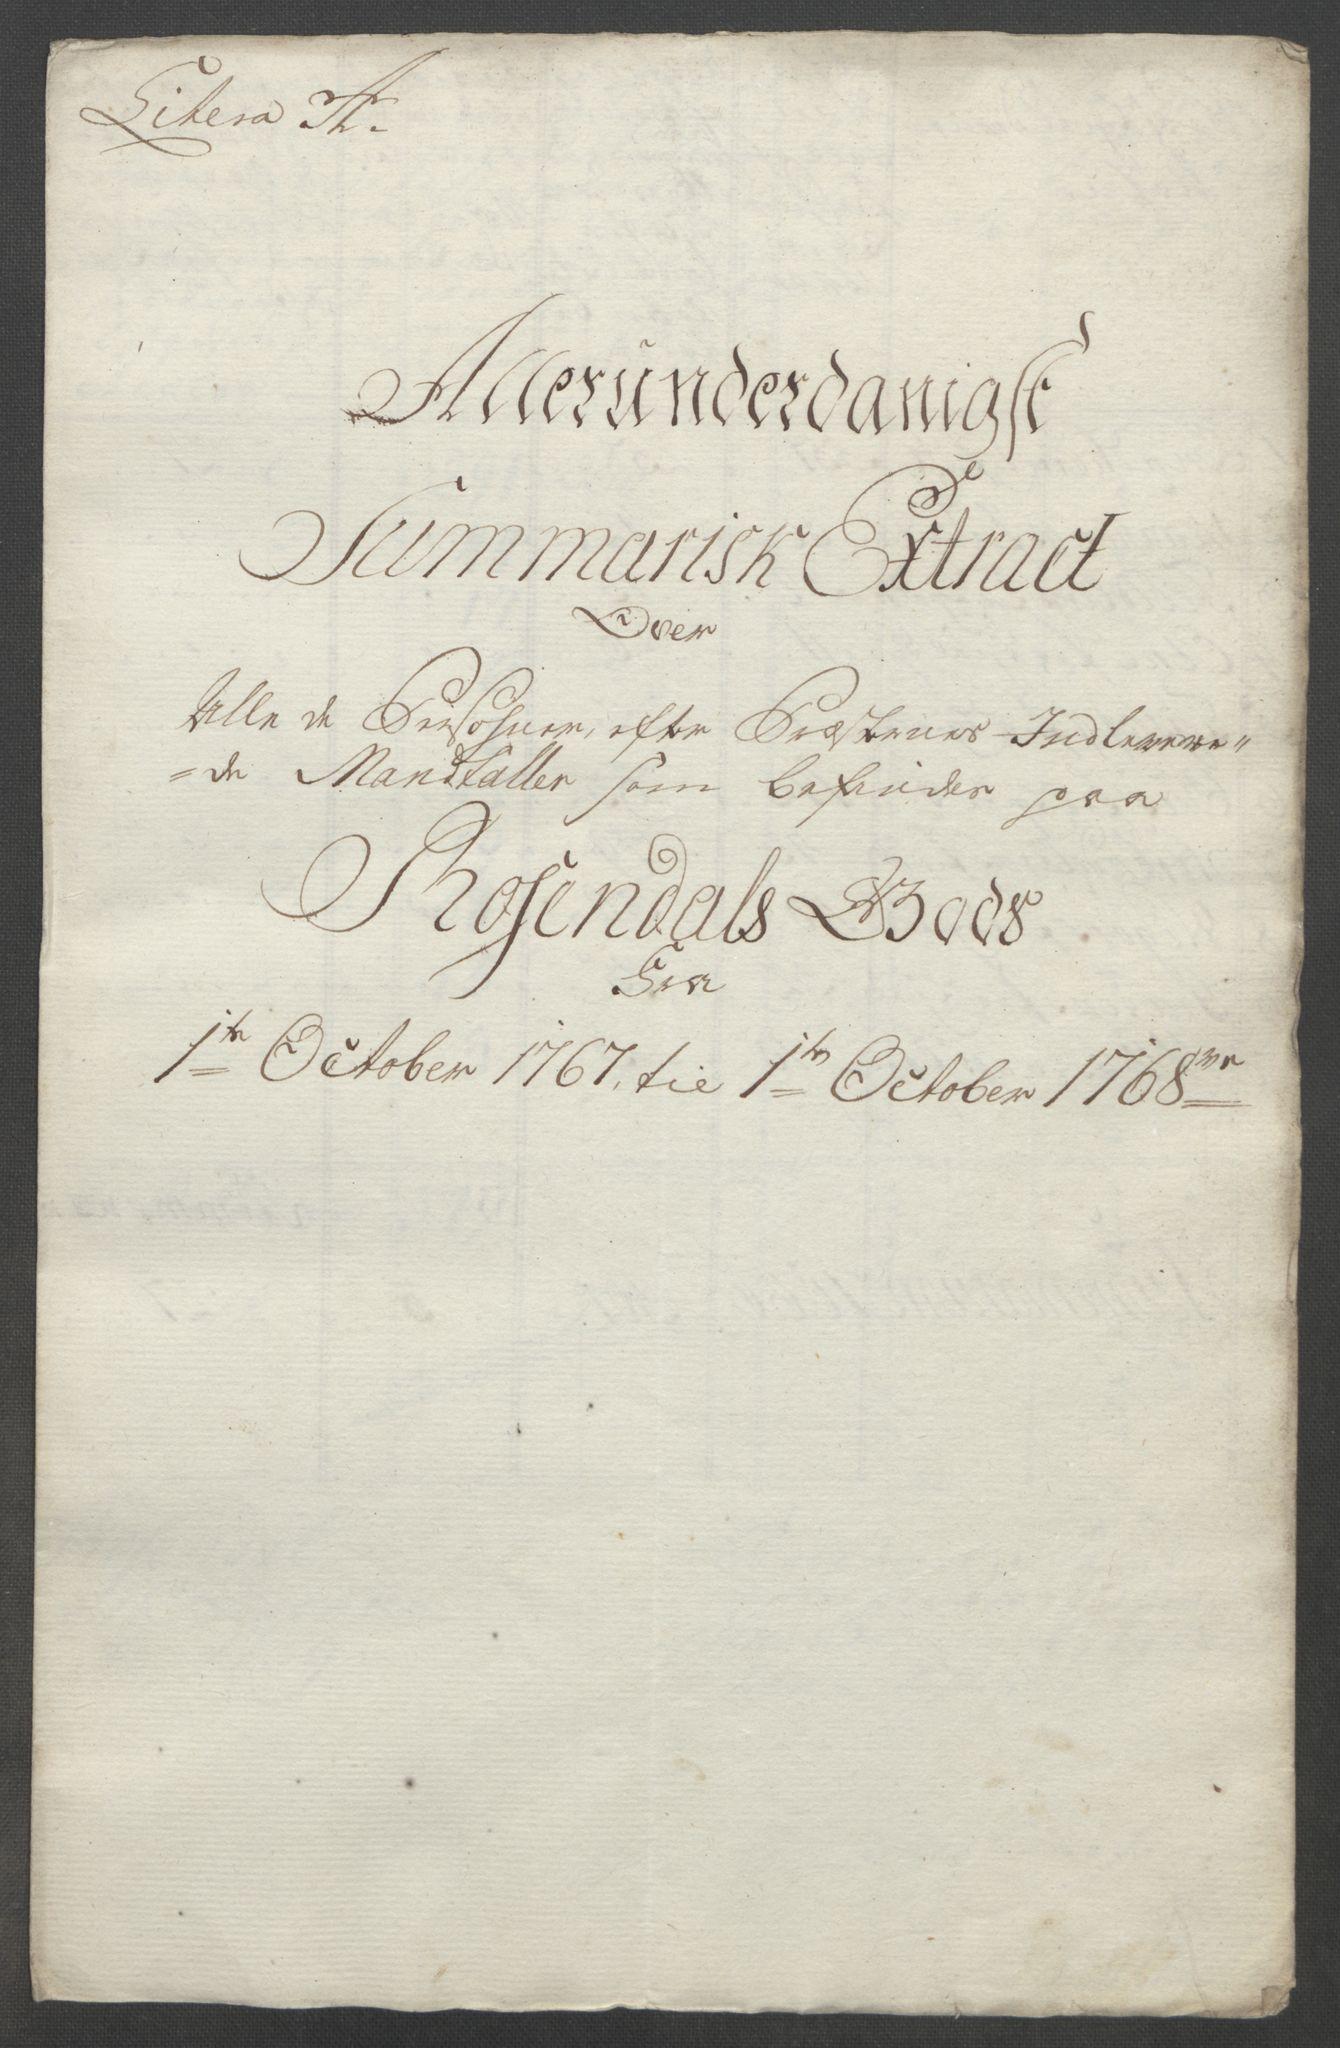 RA, Rentekammeret inntil 1814, Reviderte regnskaper, Fogderegnskap, R49/L3157: Ekstraskatten Rosendal Baroni, 1762-1772, s. 212